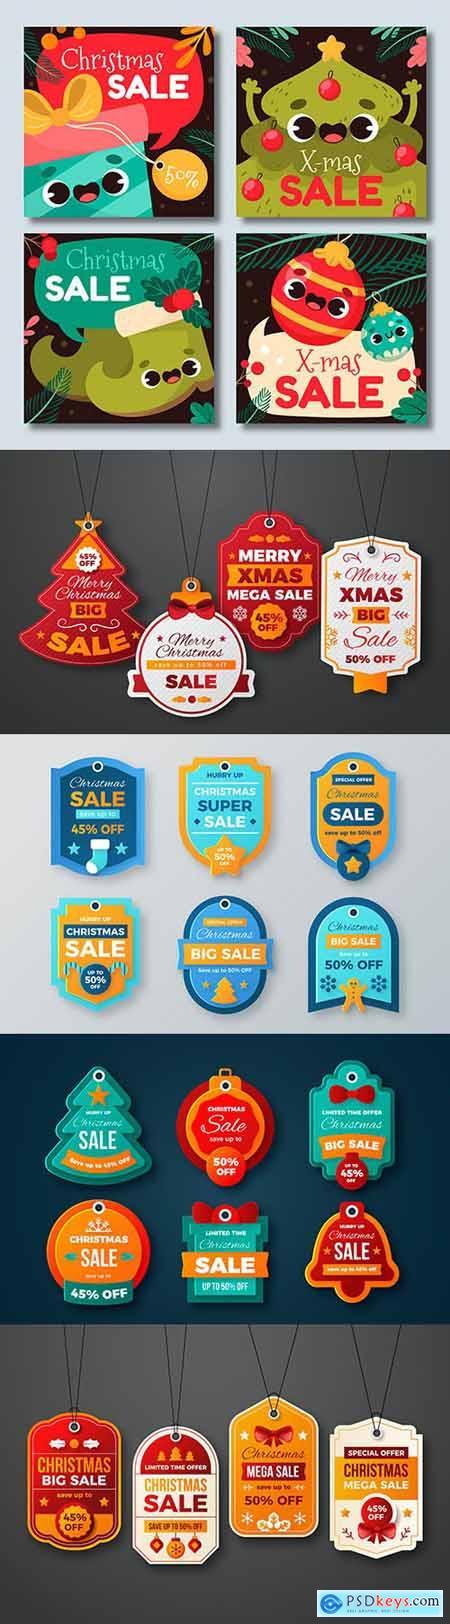 Christmas label sale emblem in flat design